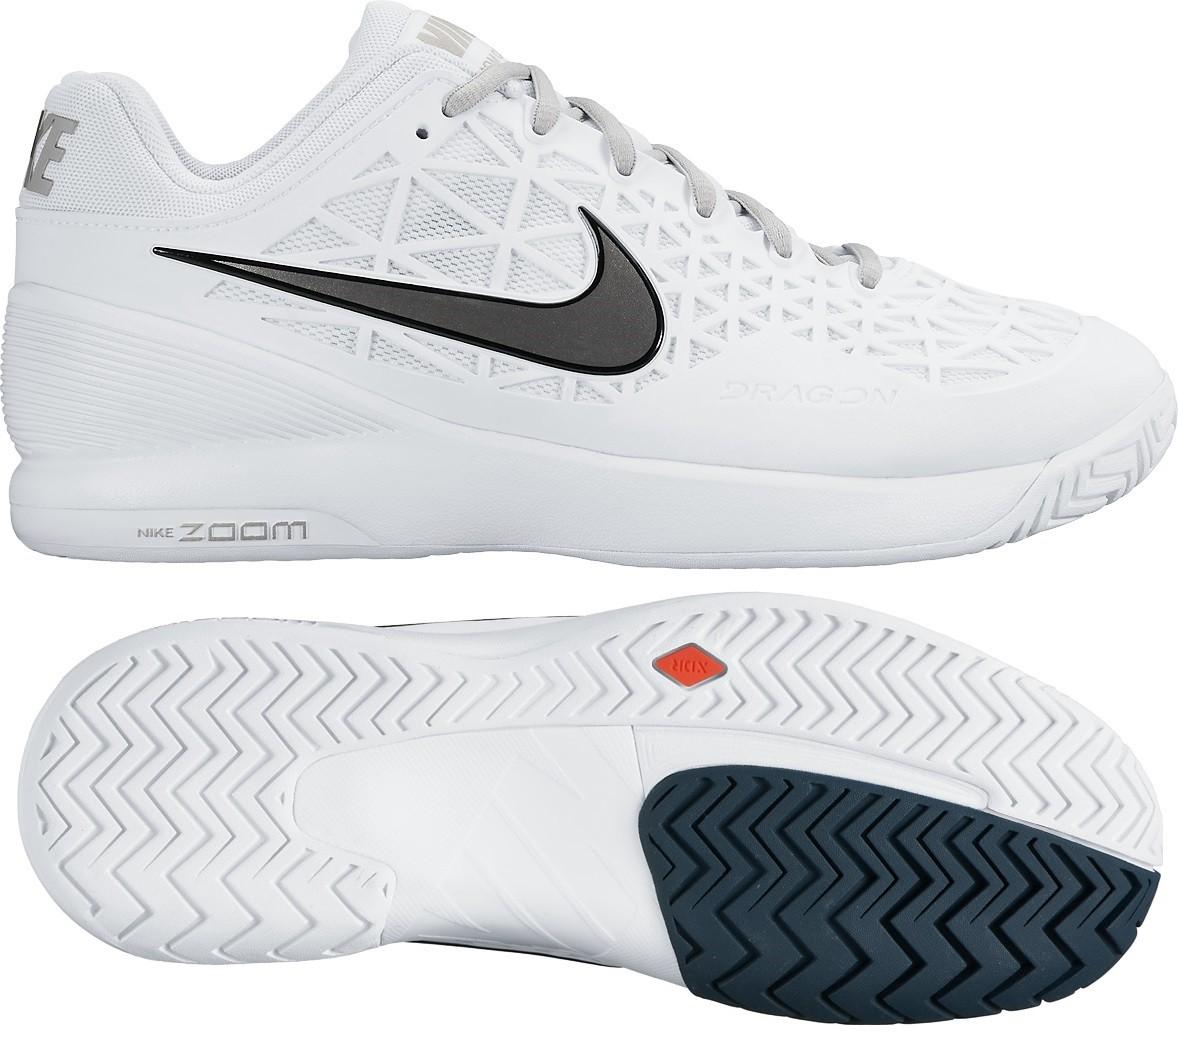 1fdf14fe9a6 tenisová obuv Nike Zoom Cage 2 dámská 705260-100